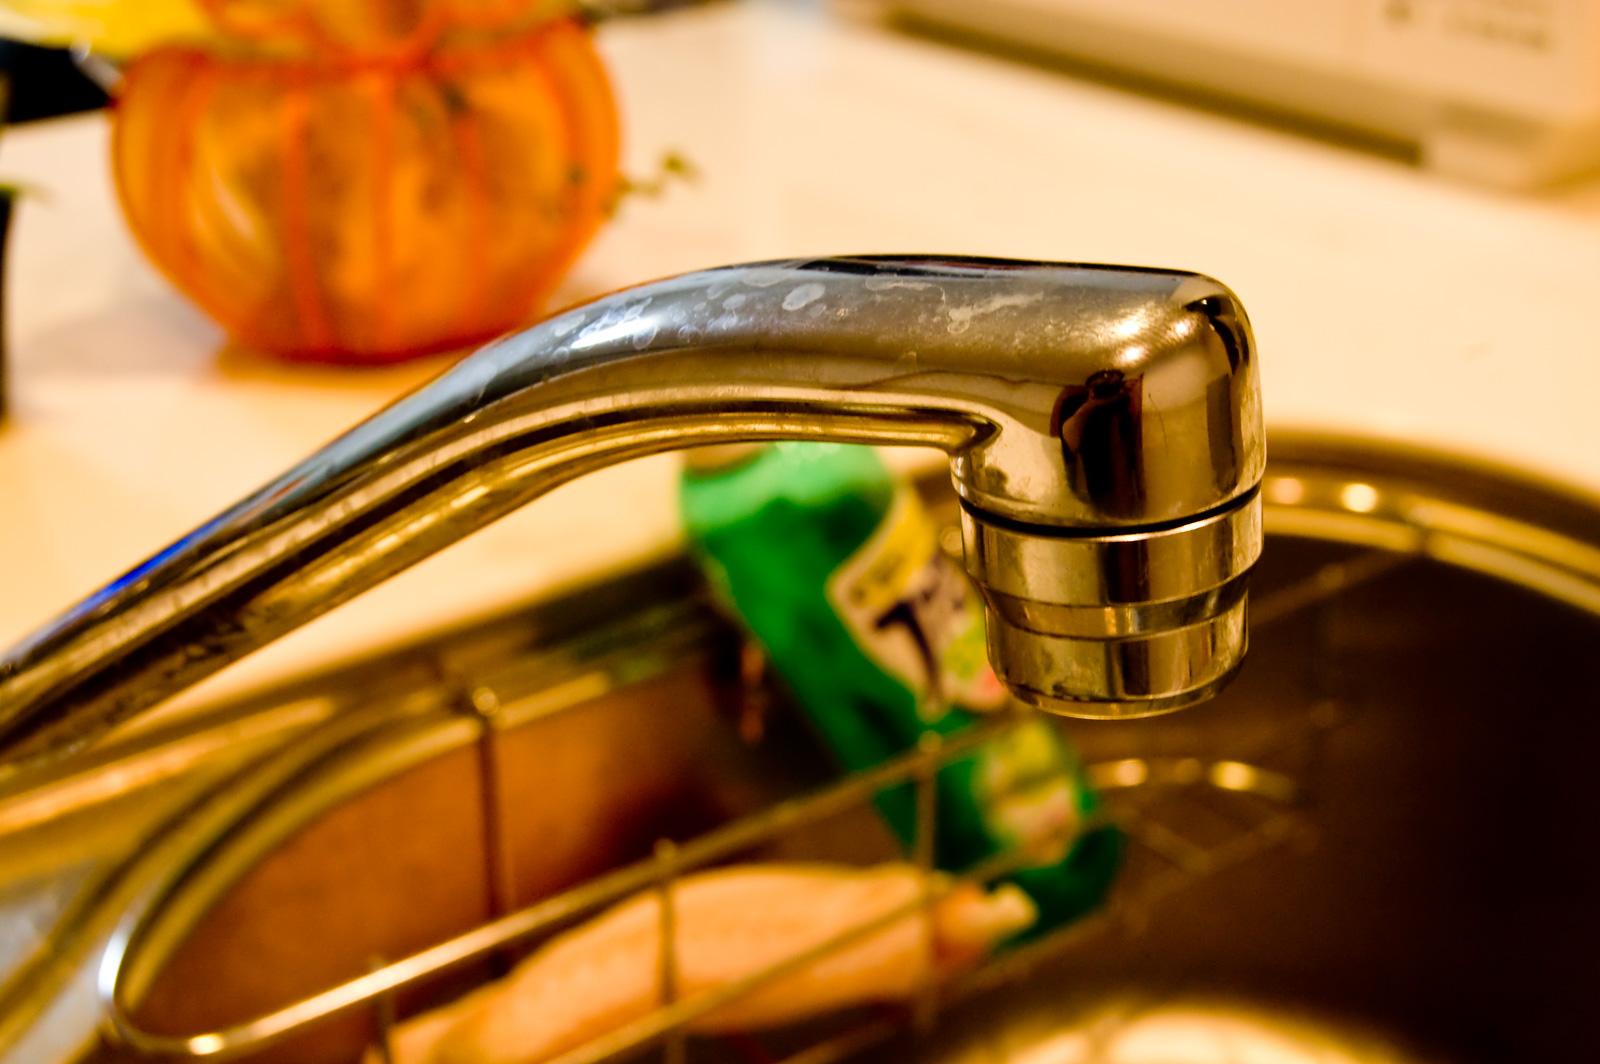 朝一番の水道を飲んだり料理に使ってはいけない理由。